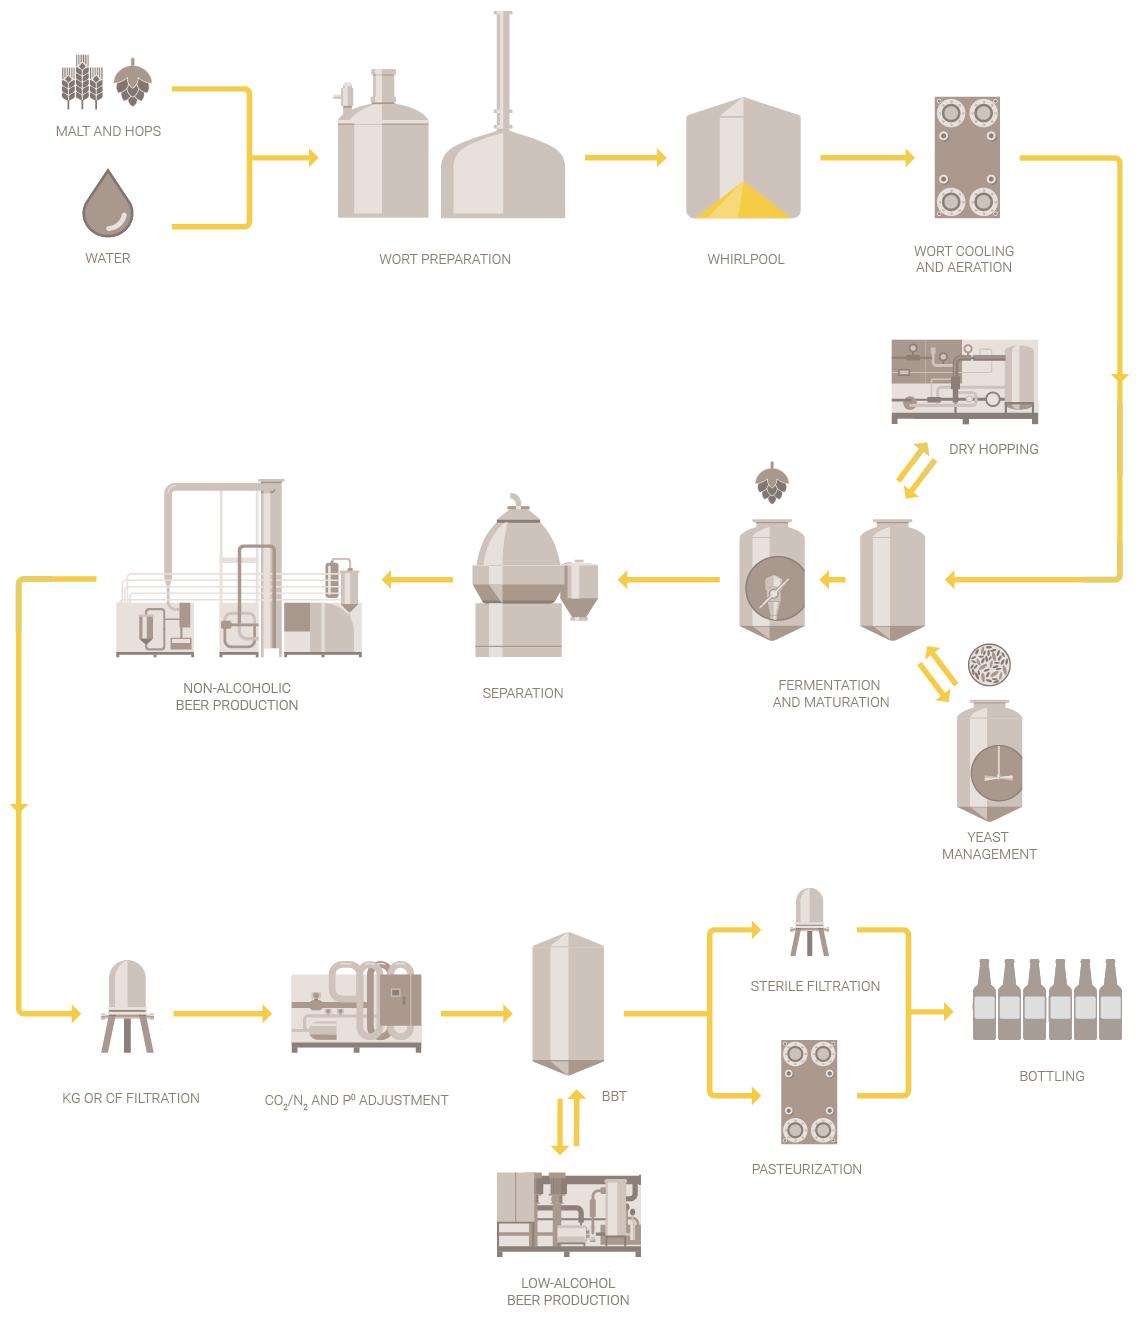 Proceso de elaboración de cerveza artesanal en Alfa Laval